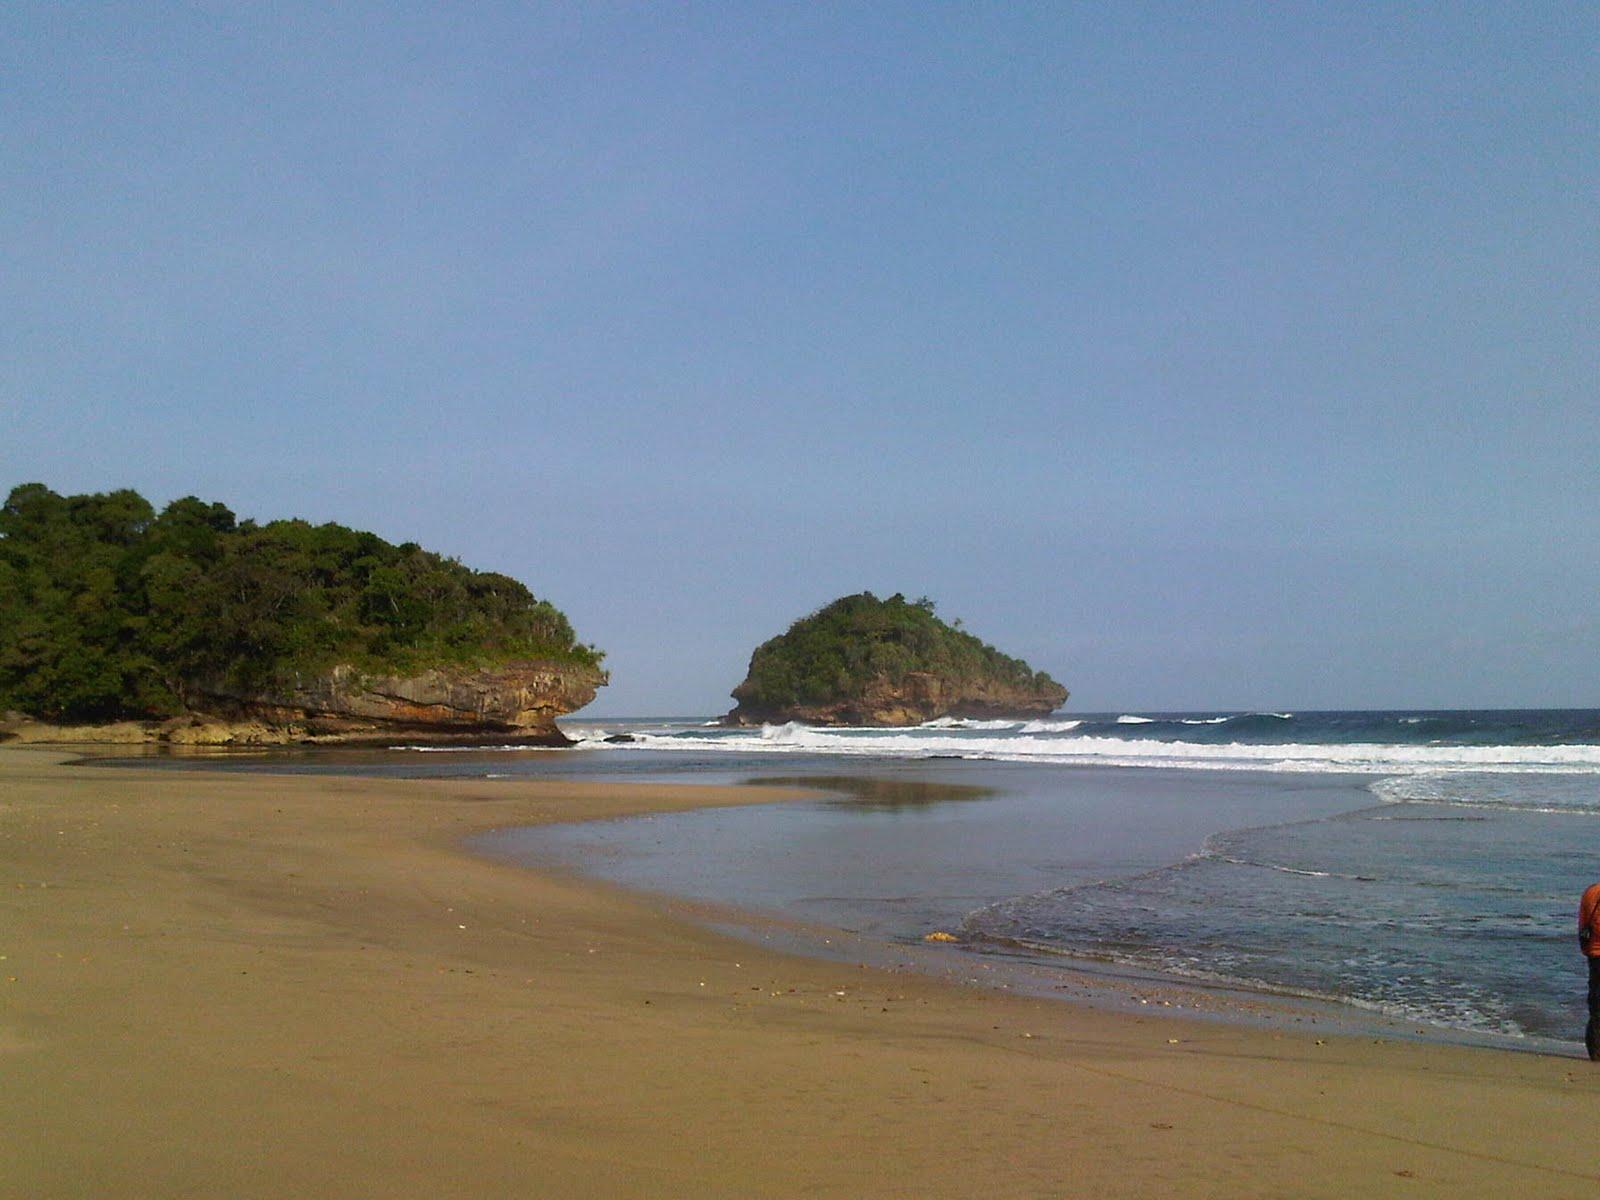 Objek Wisata Pantai Jonggring Saloko Www Picao123 Kondang Iwak Kab